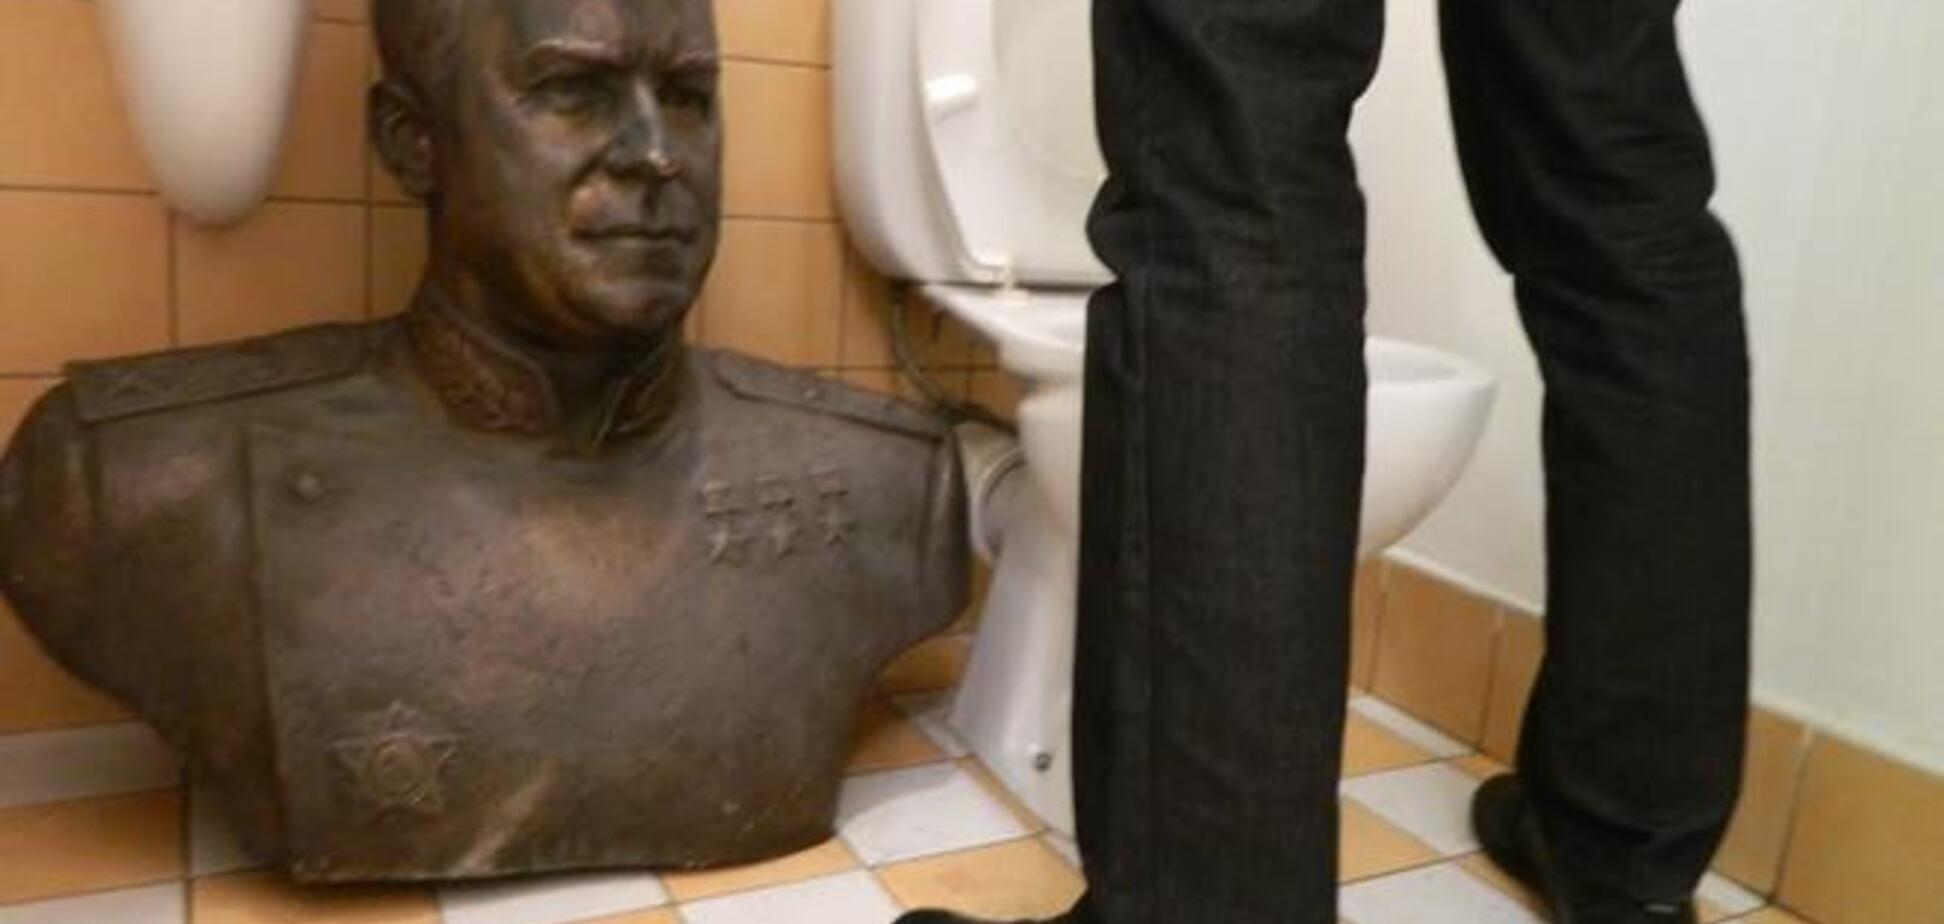 Украденный в Одессе бюст Жукова нашелся в туалете: опубликовано фото